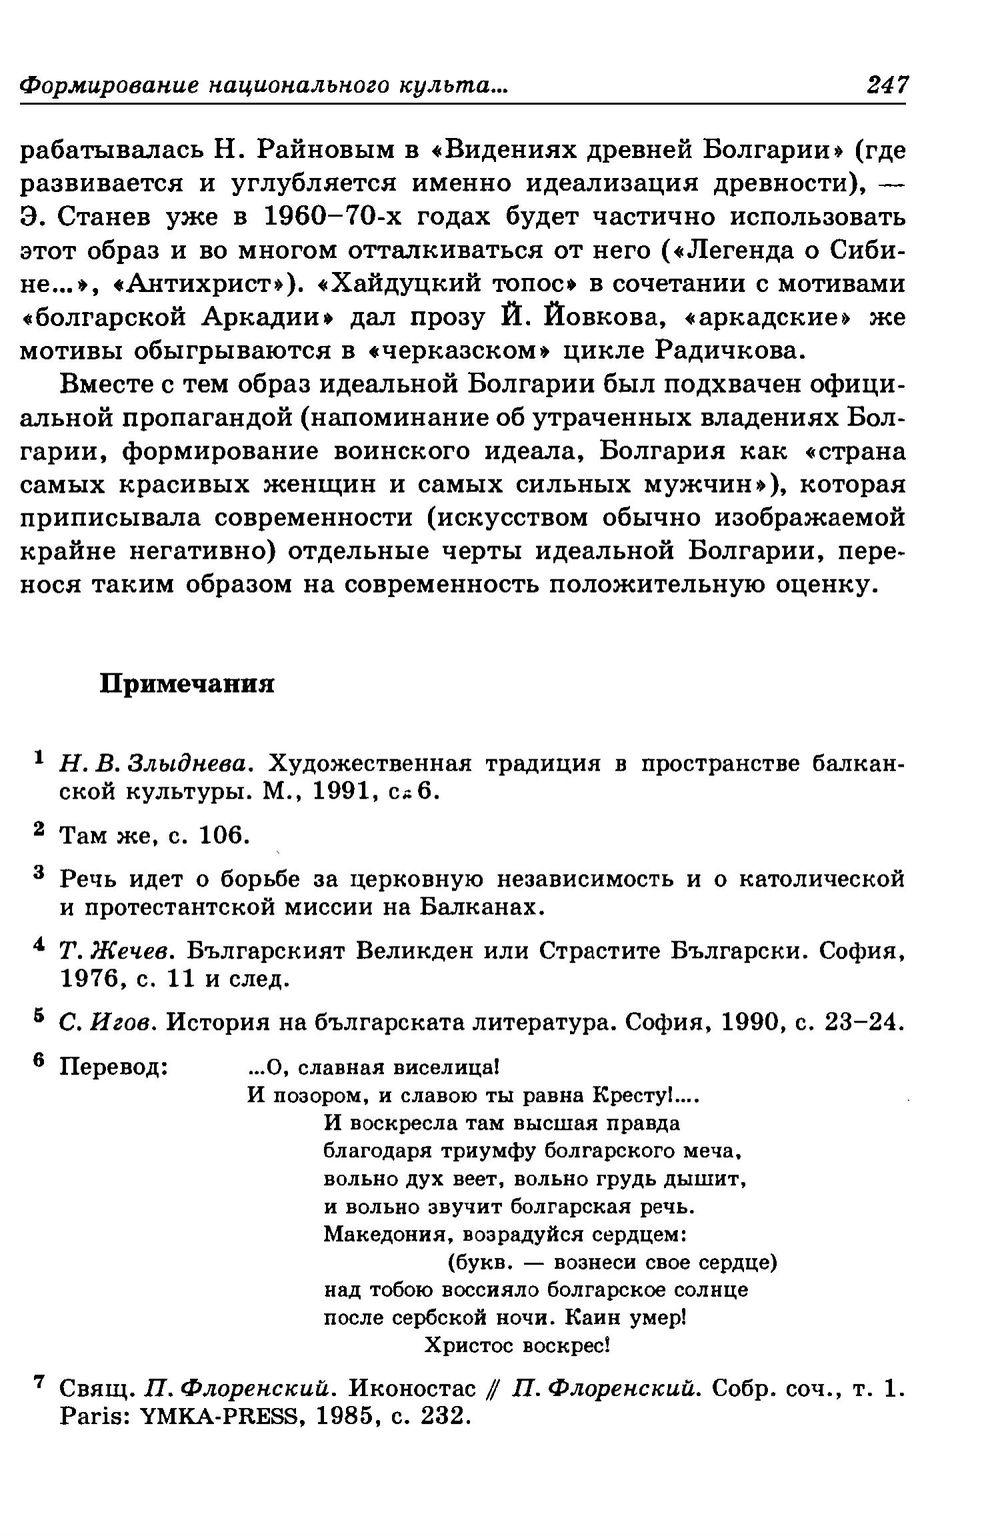 http://i3.imageban.ru/out/2017/01/11/62ae9eb27e74173a35120e7476fd6a20.jpg